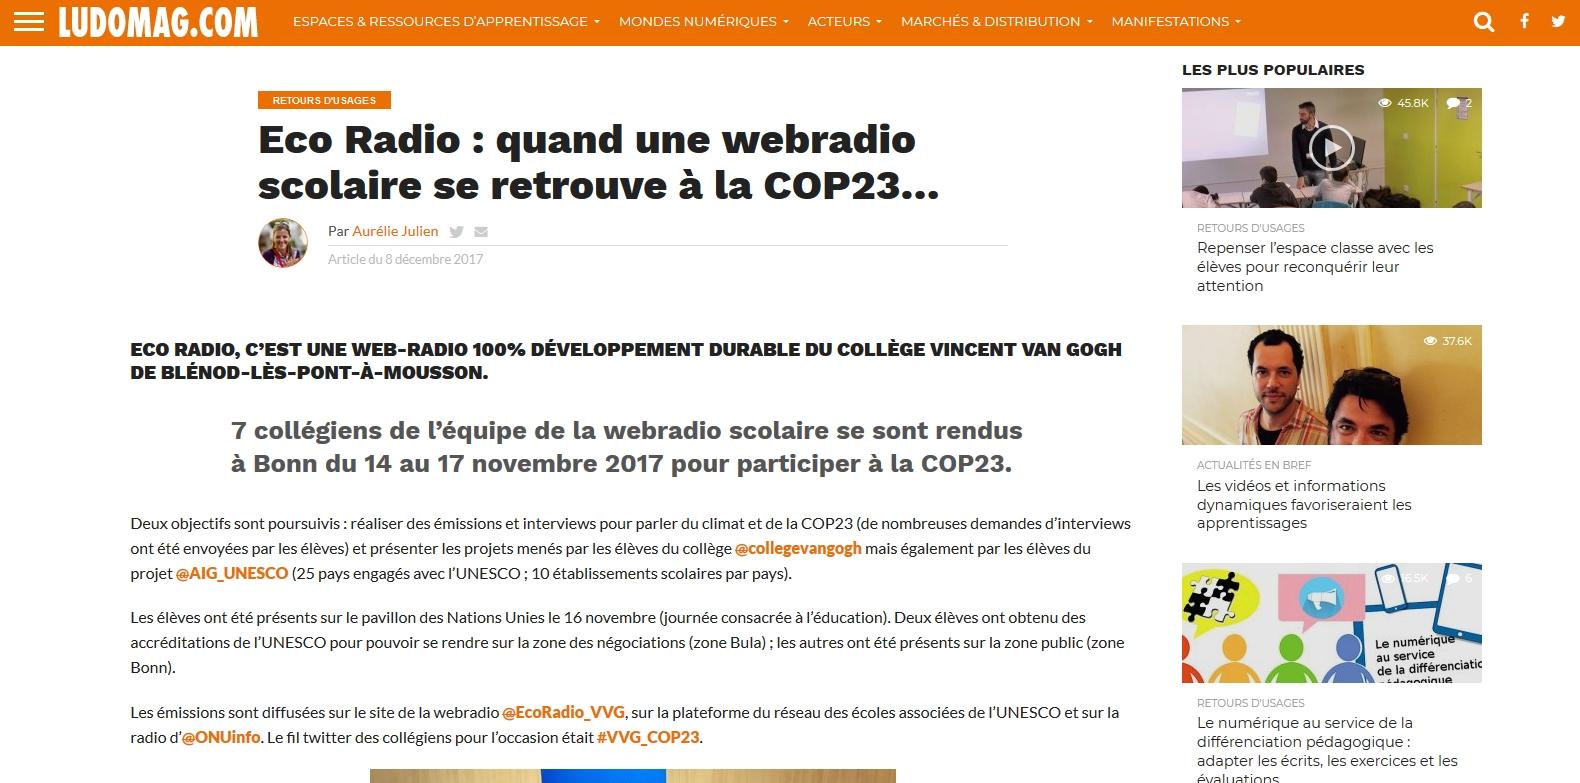 Article paru dans LUDOMAG le 8 décembre 2017 suite à la présence d'Eco Radio à la COP23